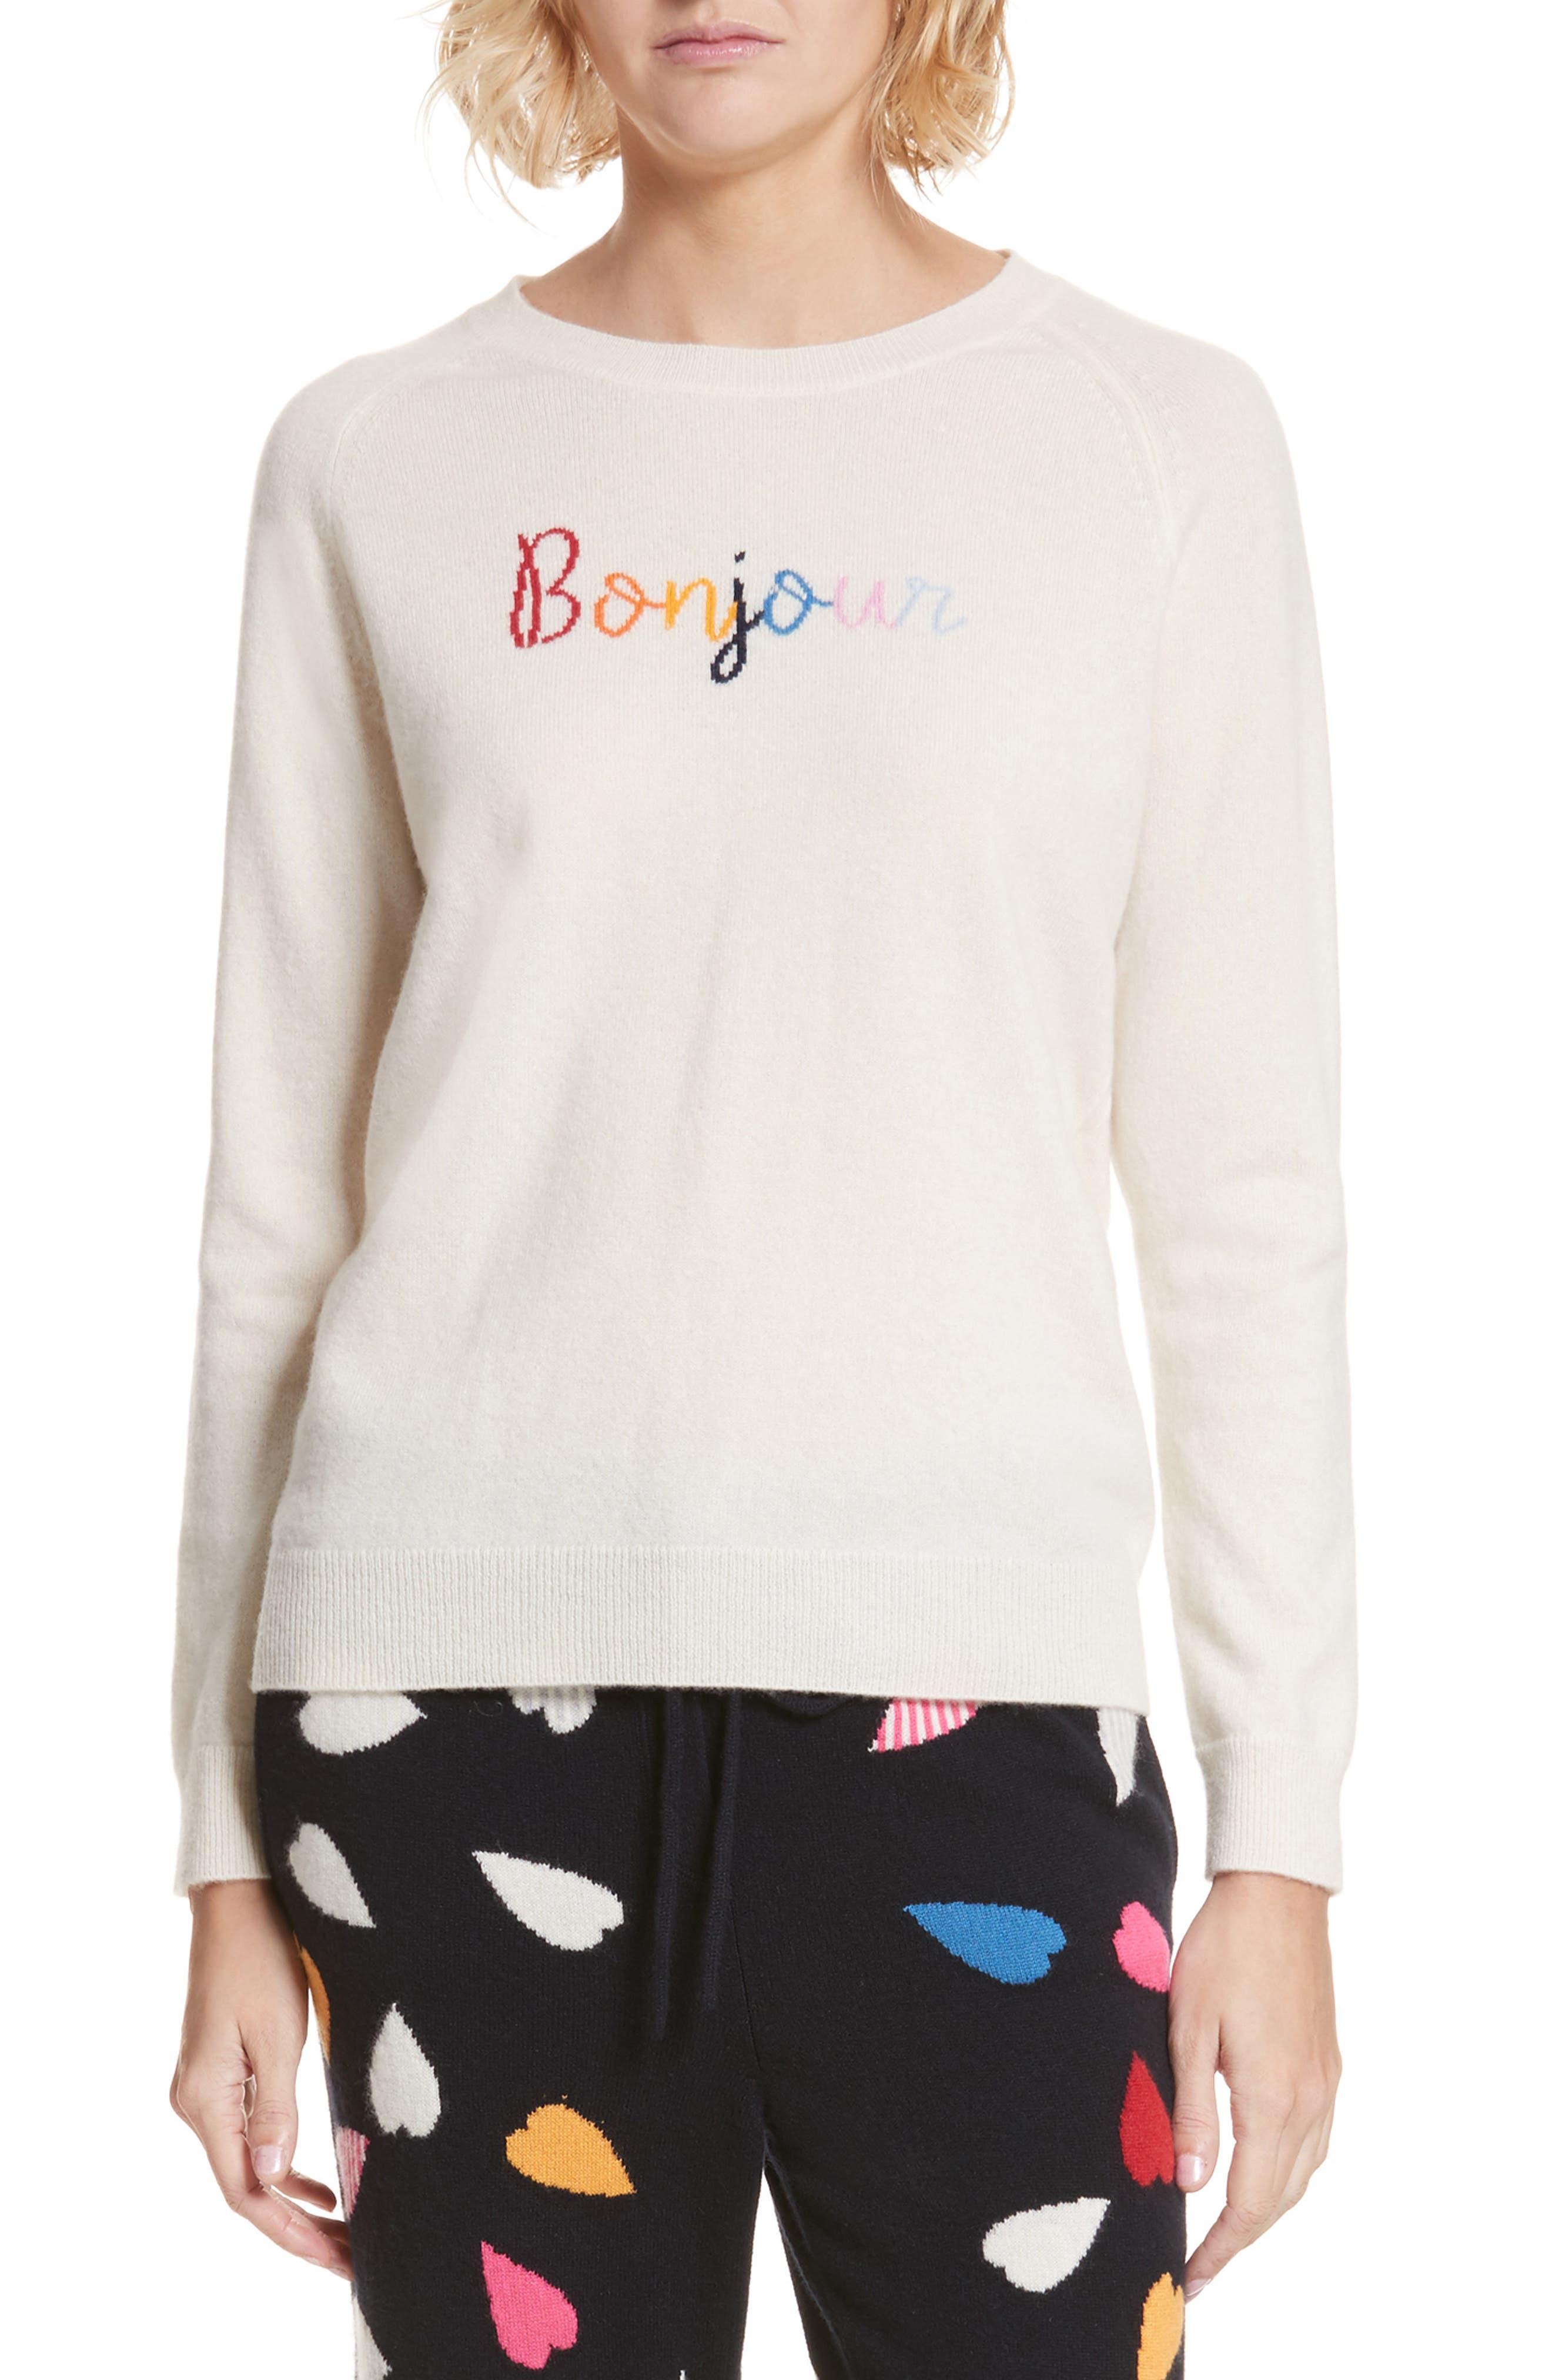 CHINTI & PARKER Bonjour/Bonsoir Cashmere Sweater,                         Main,                         color, 900